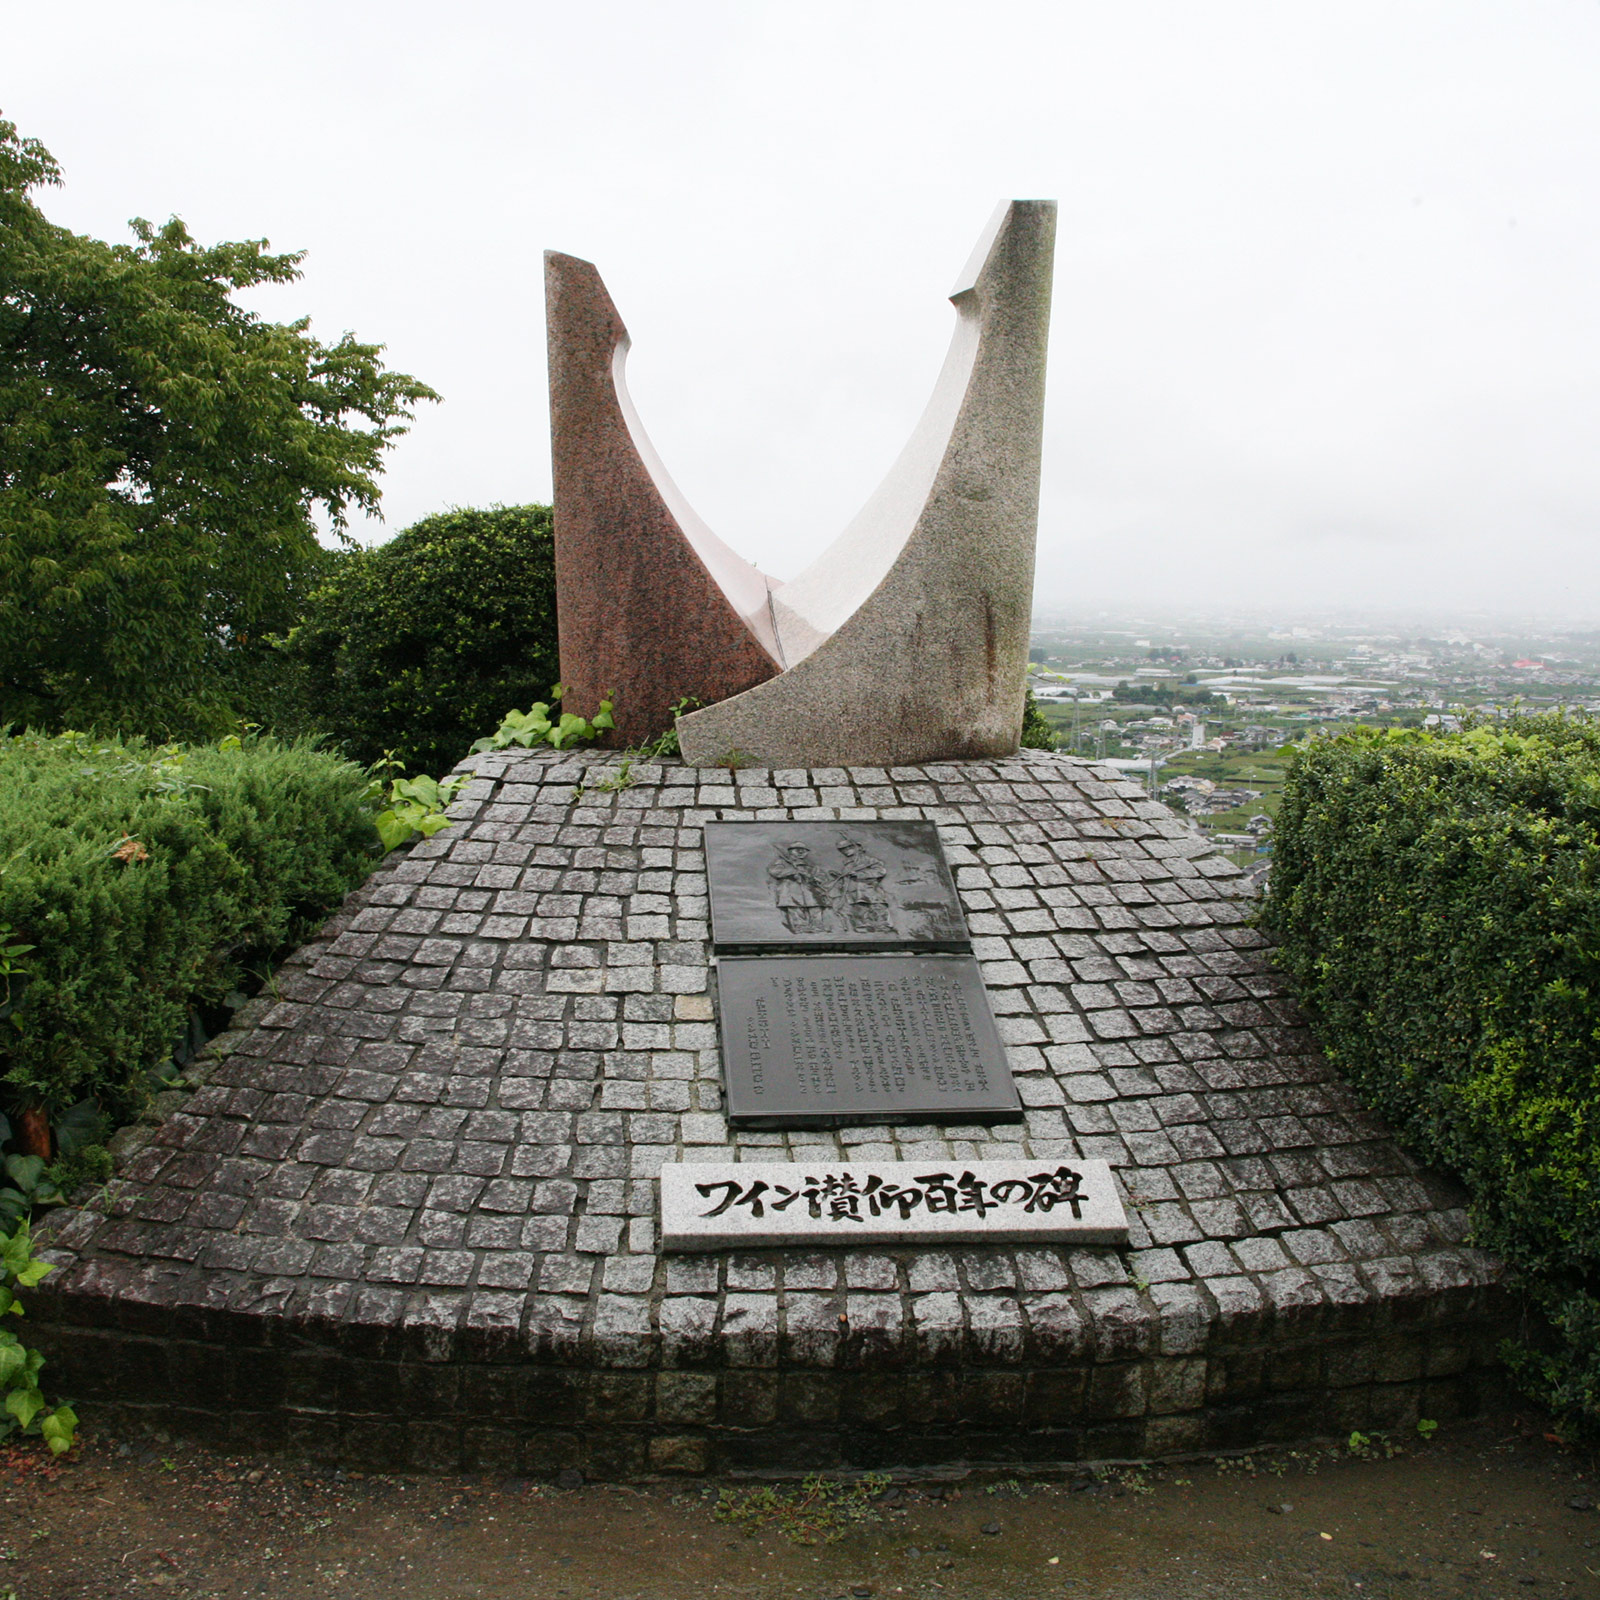 勝沼を見渡すぶどうの丘に建立された「ワイン讃仰百年の碑」。ワイン醸造蔵元の心意気を感じる。